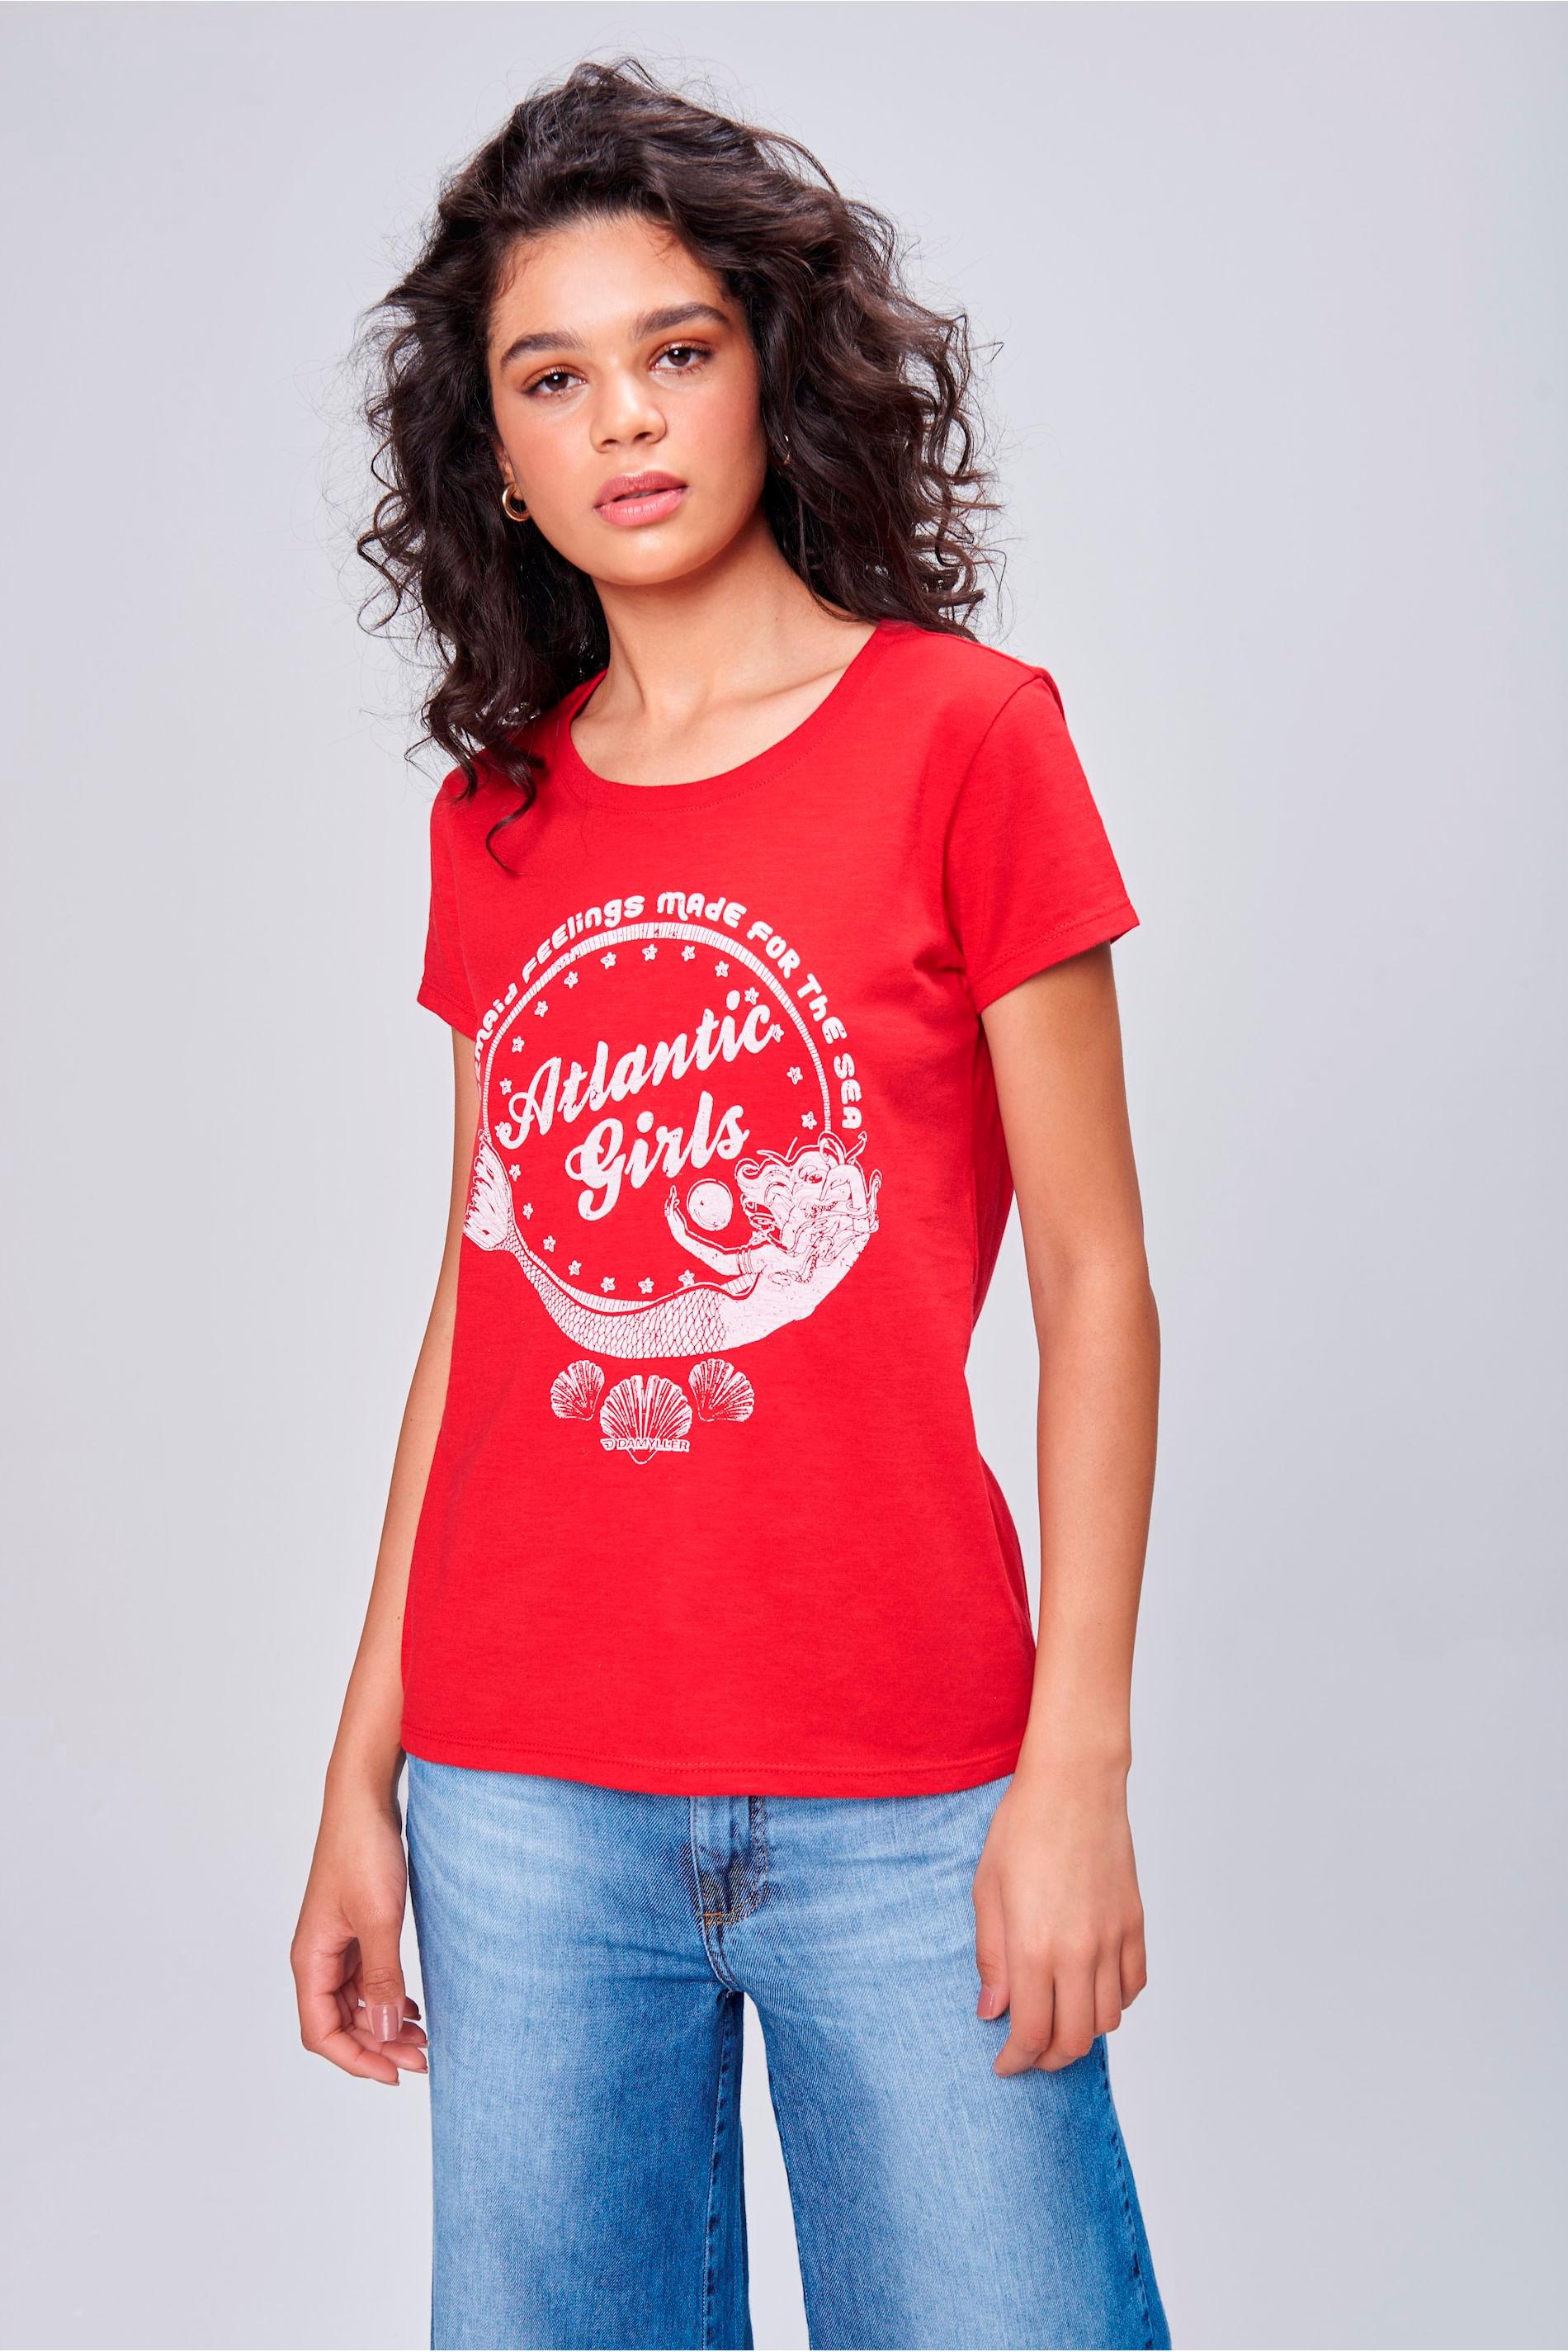 Camiseta Feminina Mermaid Feelings - Damyller 90222b8161bc4